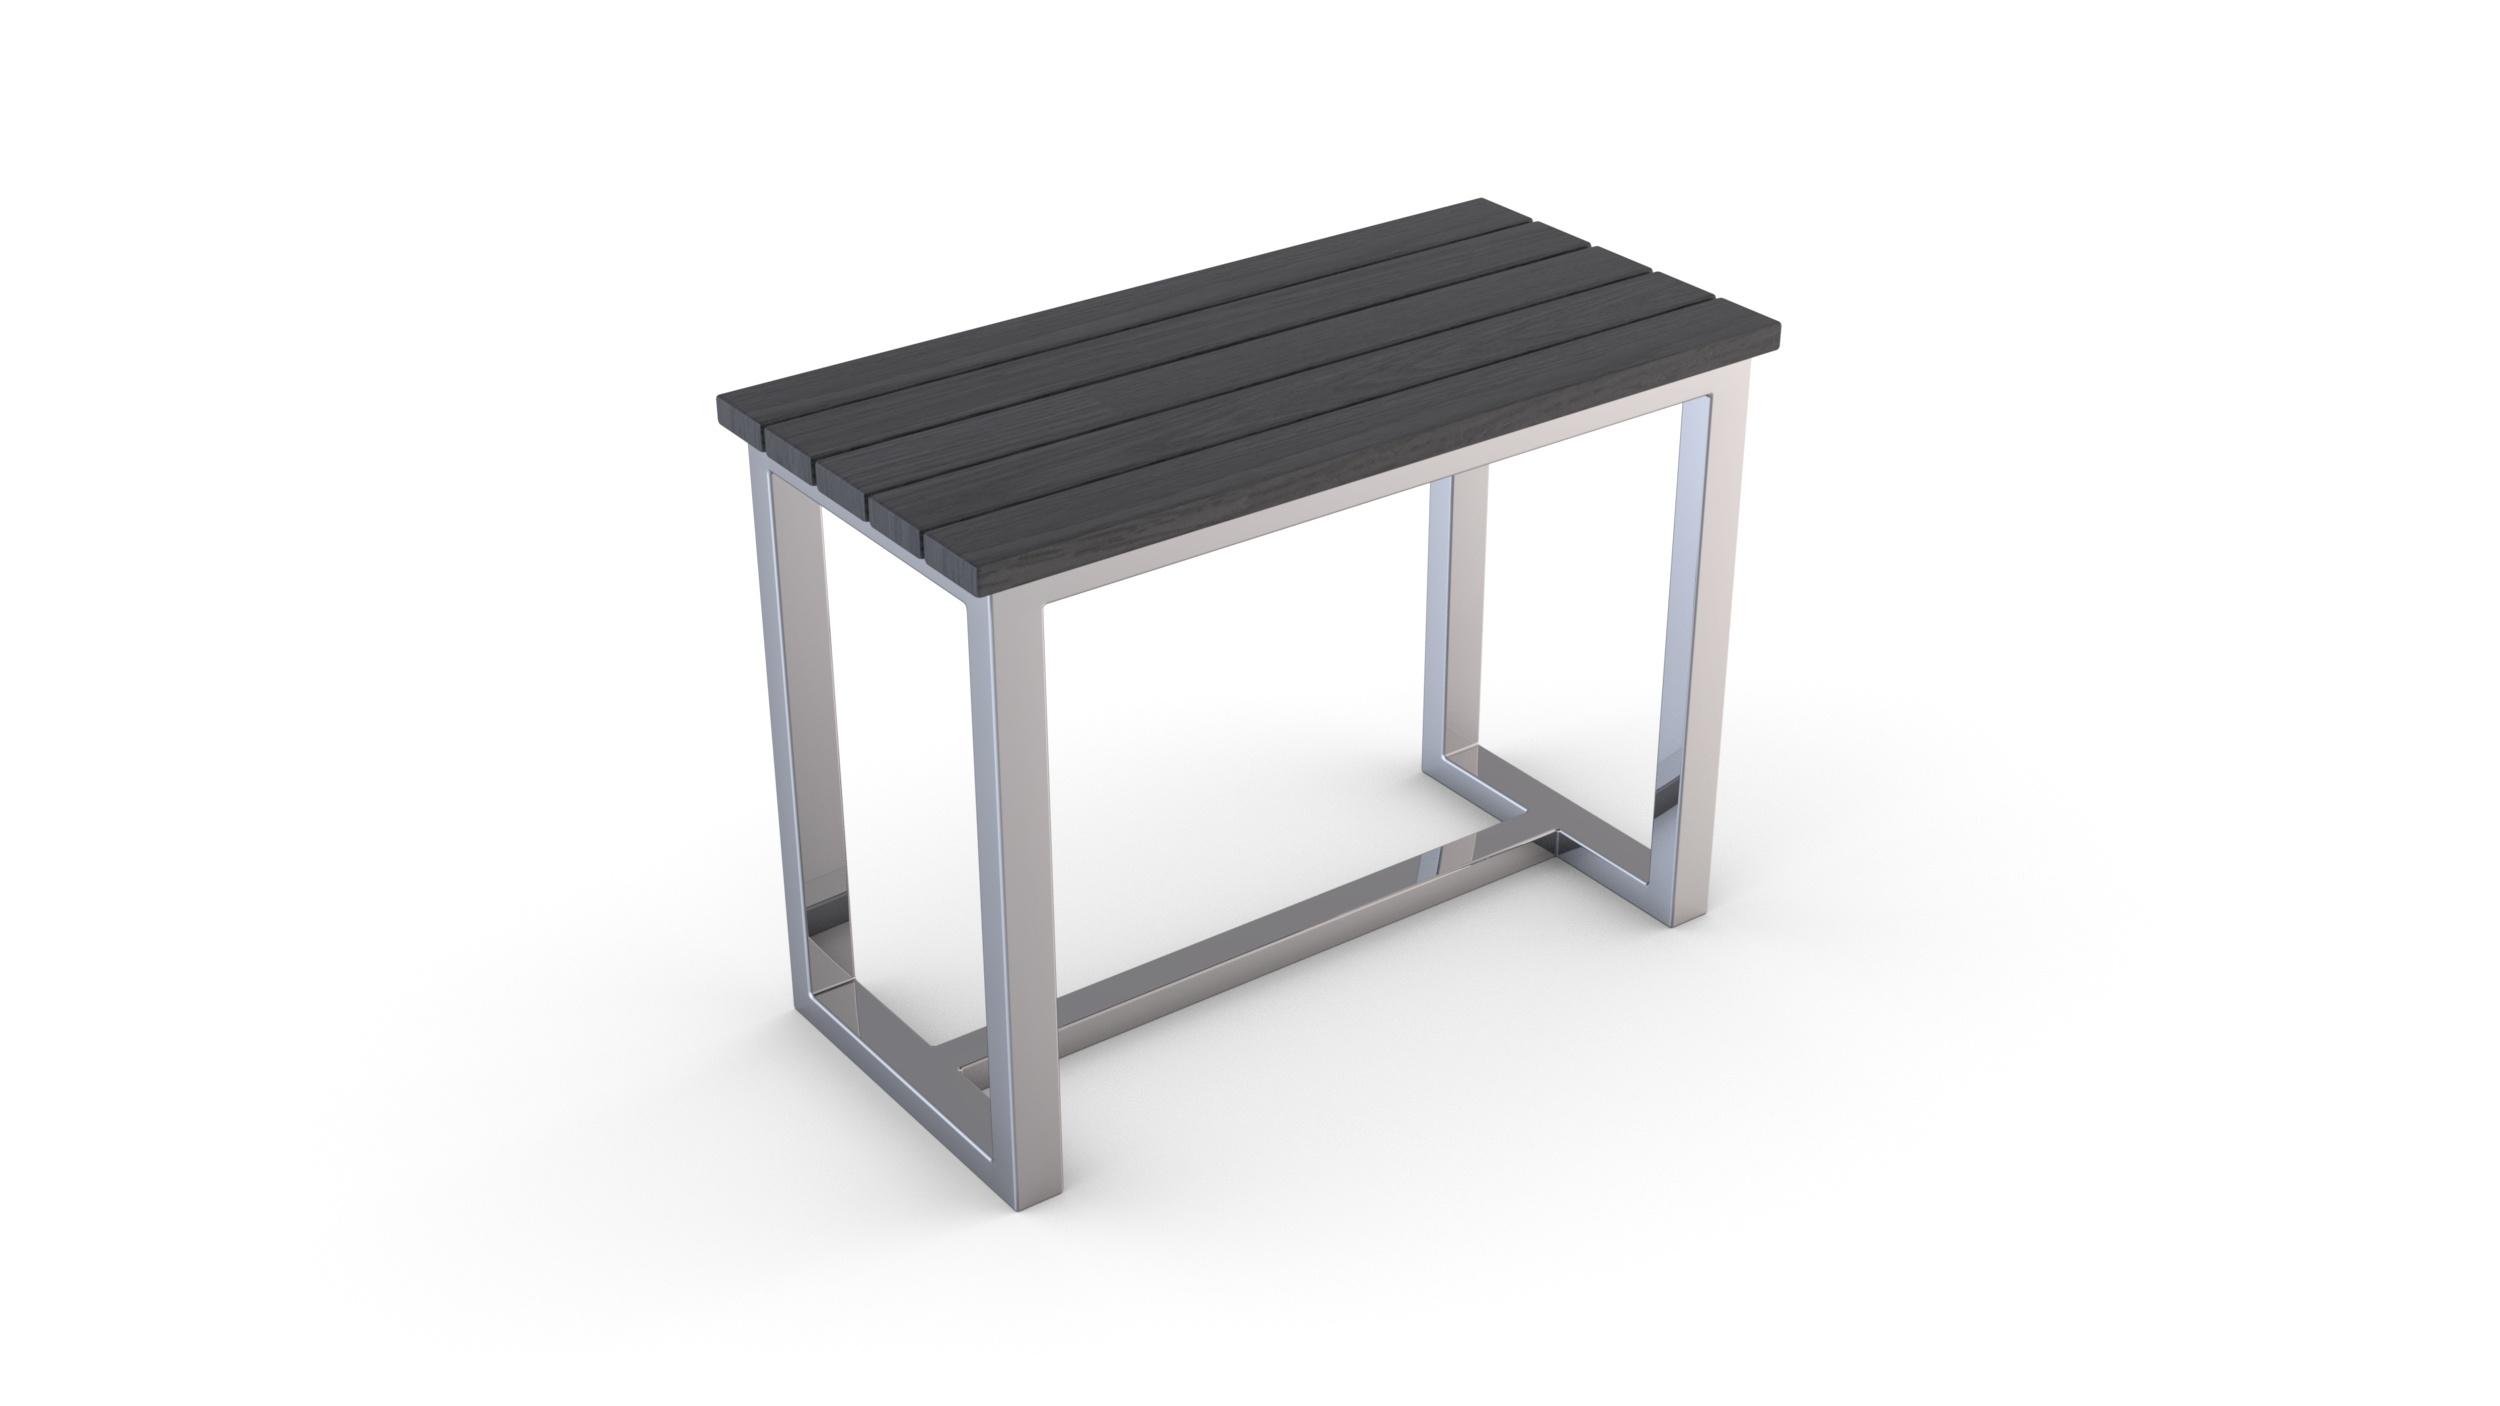 Si ge en bois composite et structure en inox gris for Structure de bois